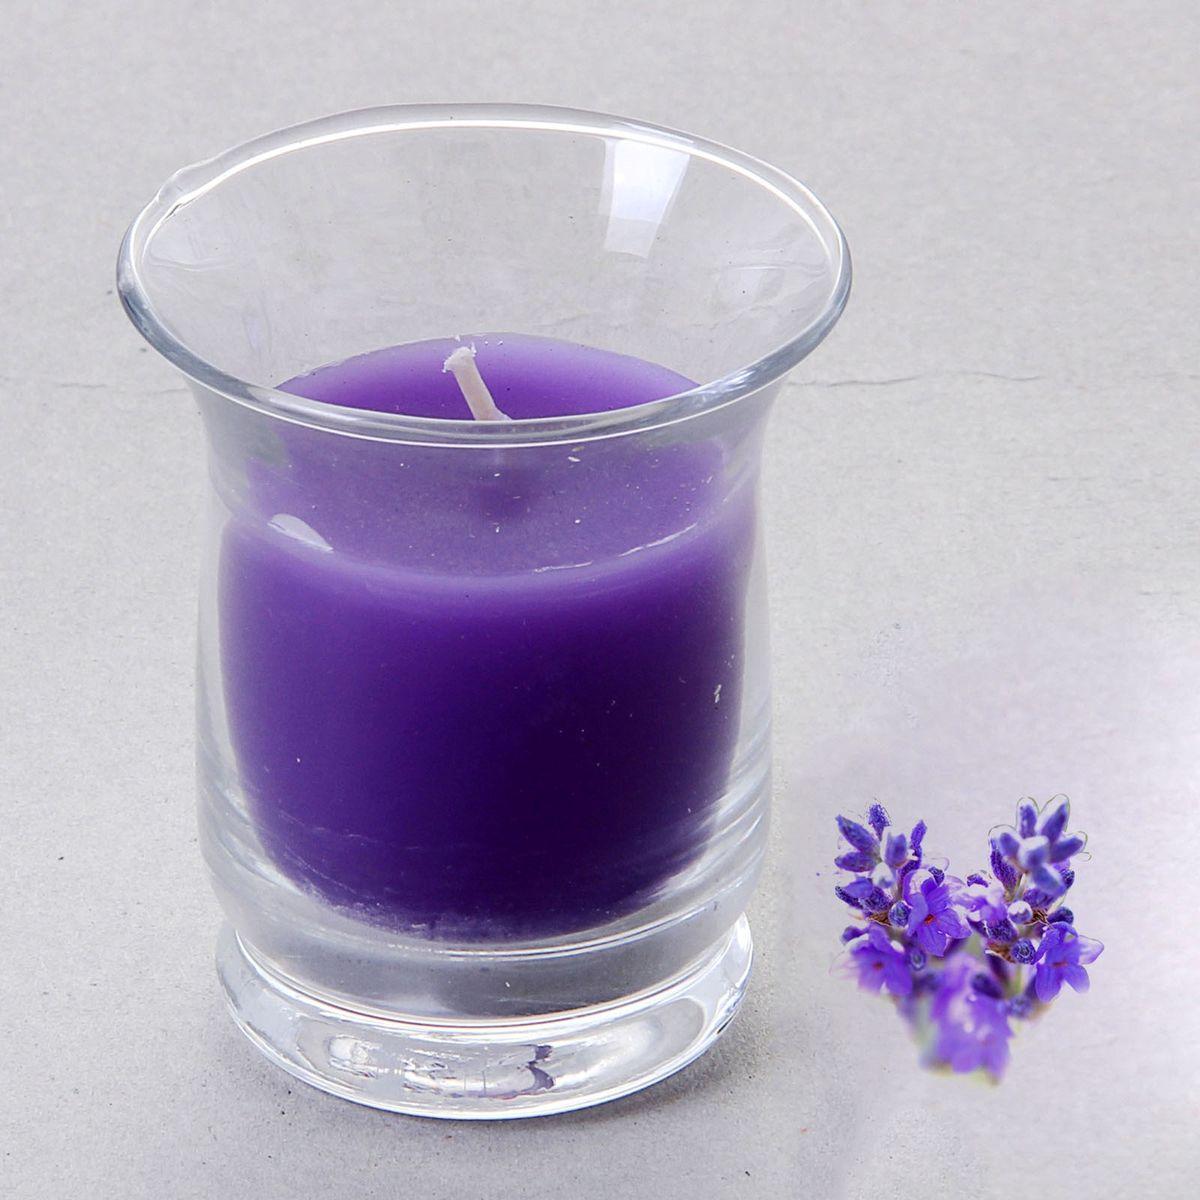 Свеча ароматизированная Sima-land Романтика, с ароматом лаванды, цвет: сиреневый, высота 7,5 см фонтант sima land летняя прохлада колодец